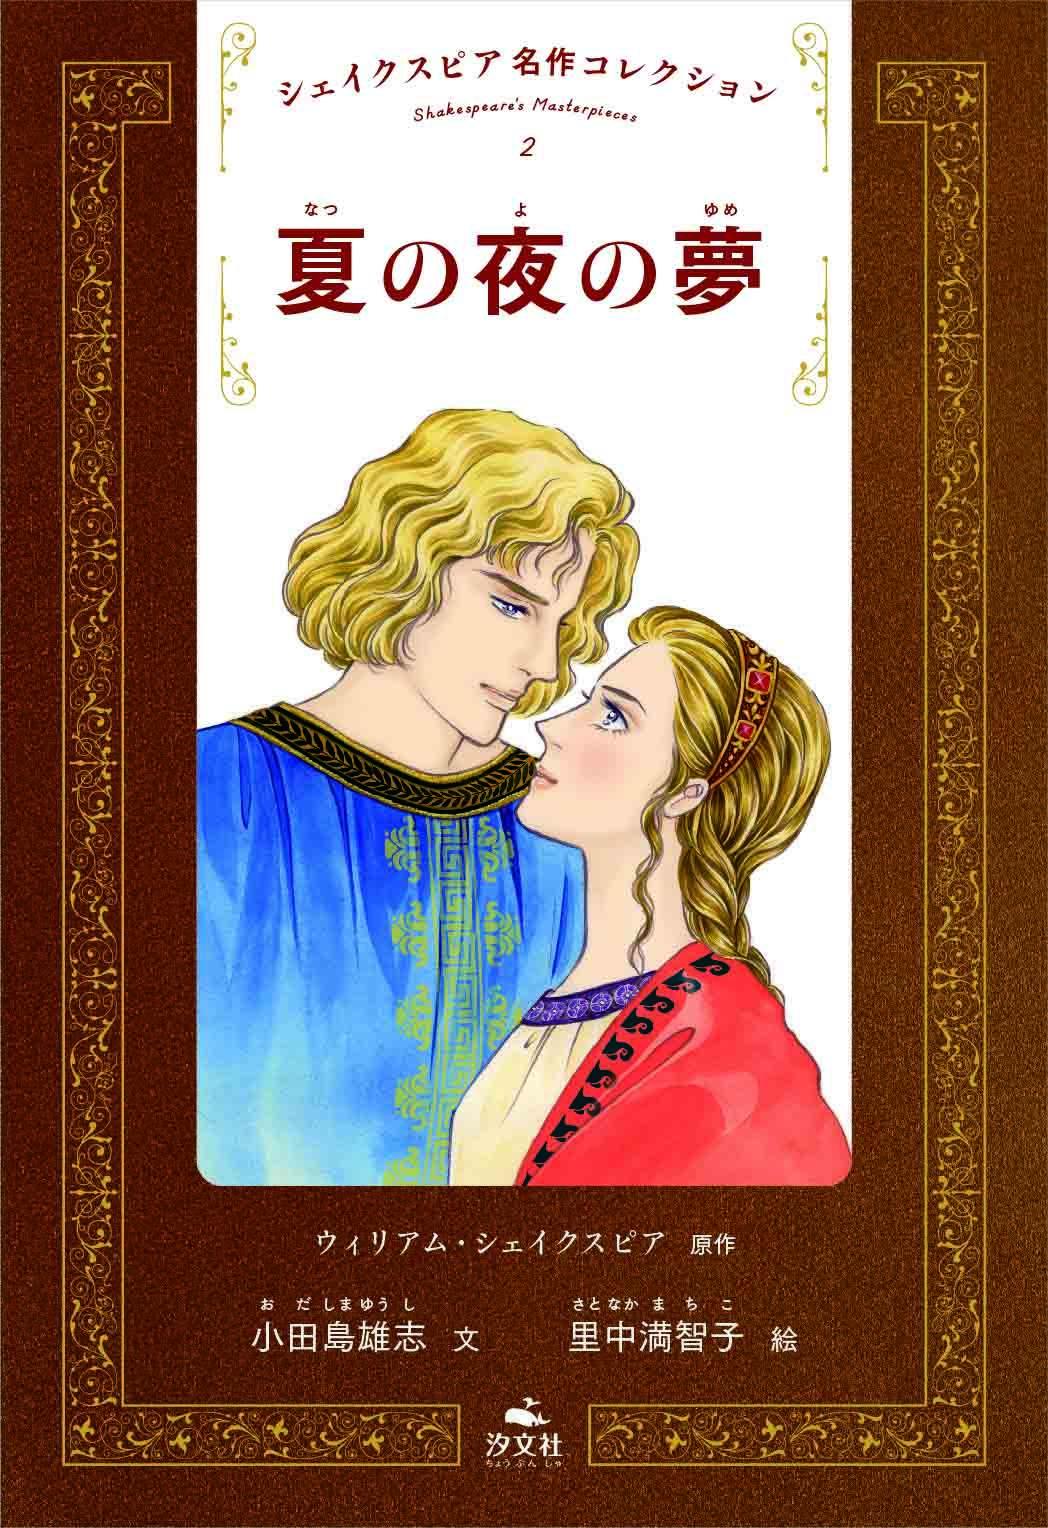 シェイクスピア名作コレクション 6 ハムレット